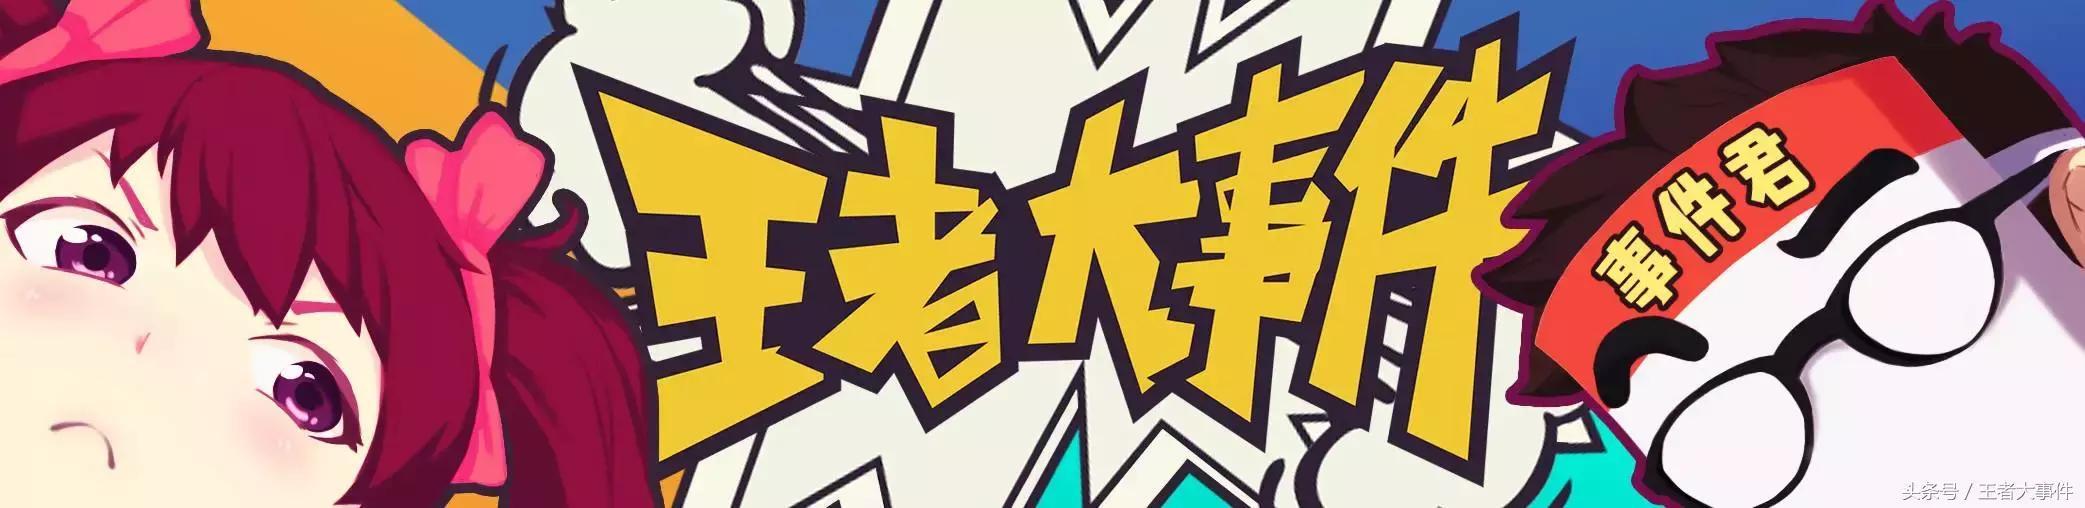 王者荣耀:白起+墨子+蔡文姬=墙!完美的前排组合!